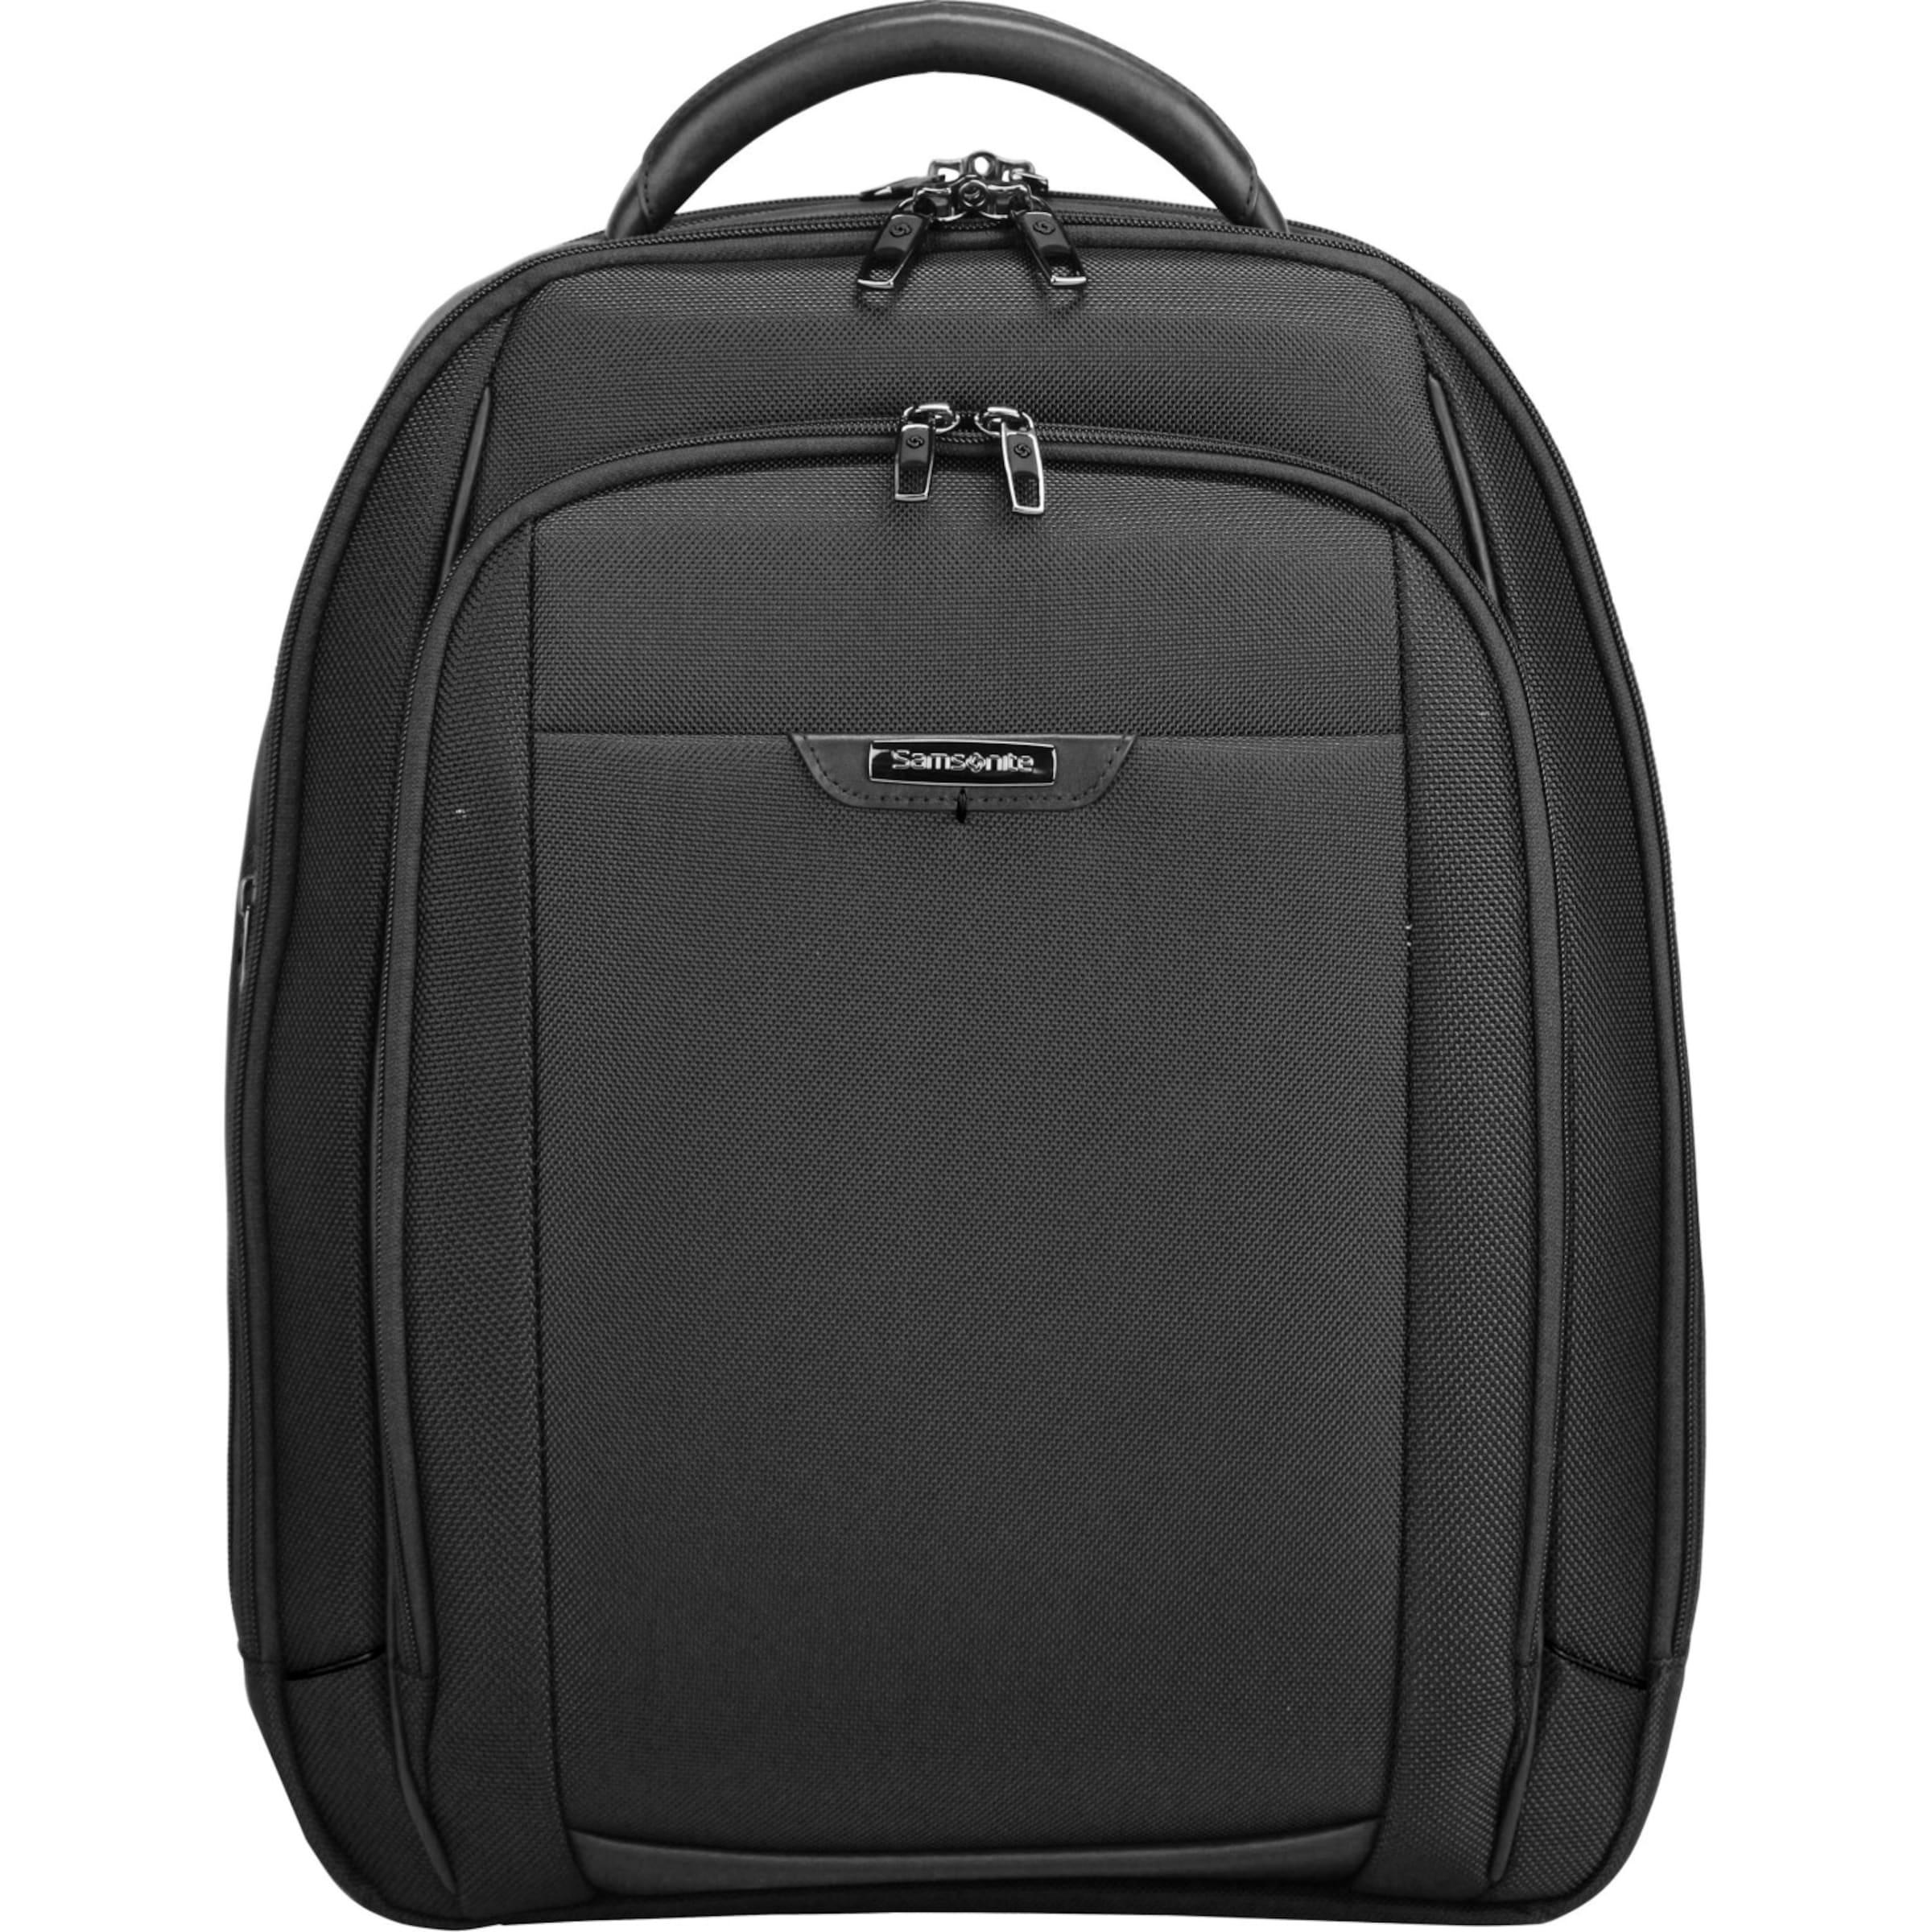 SAMSONITE Pro-DLX 4 Business Rucksack 48 cm Laptopfach Billig Großer Verkauf Verkauf Günstiger Preis Online-Shopping Mit Mastercard vB7YLL